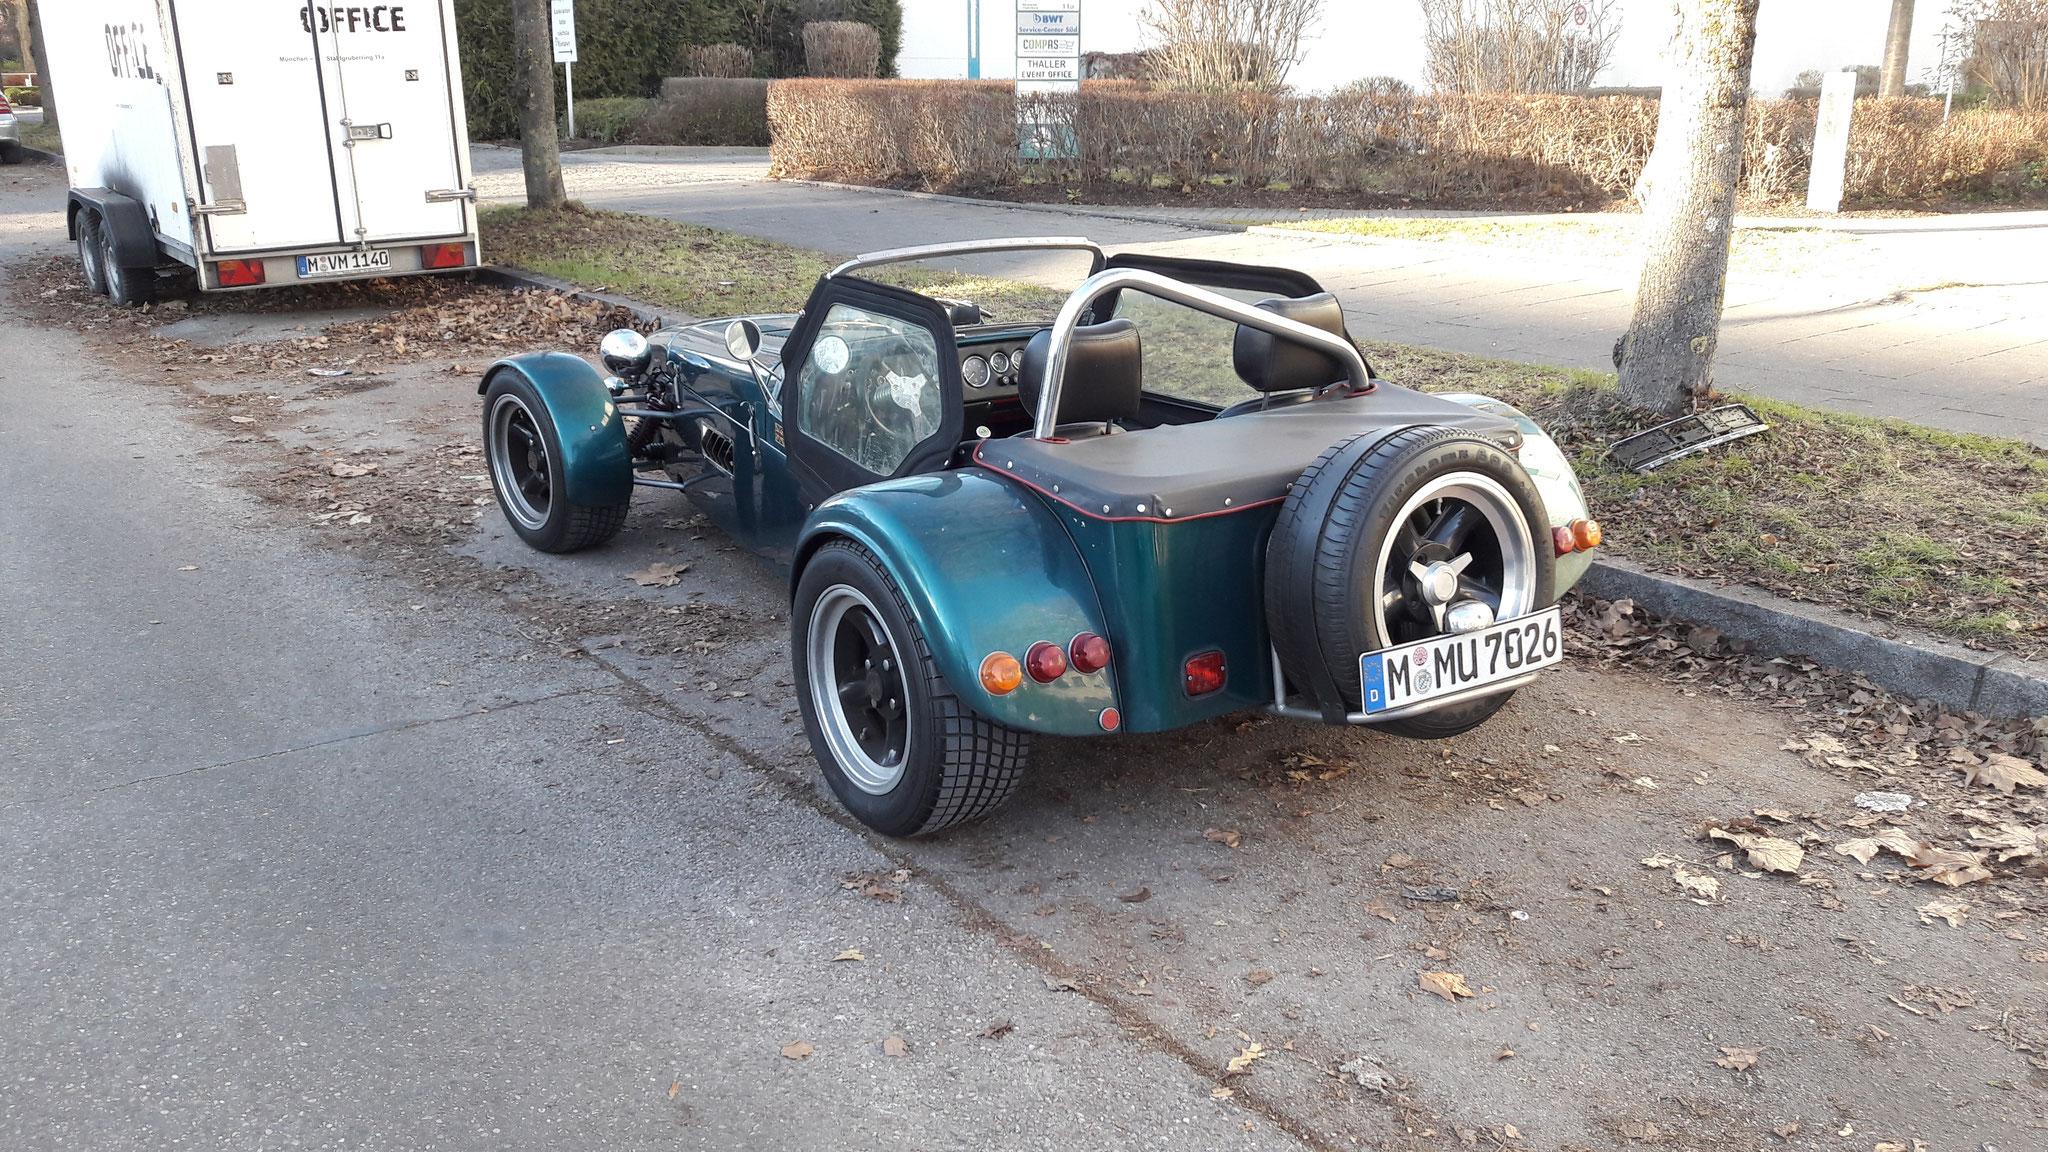 Lotus 7 - M-MU-7026